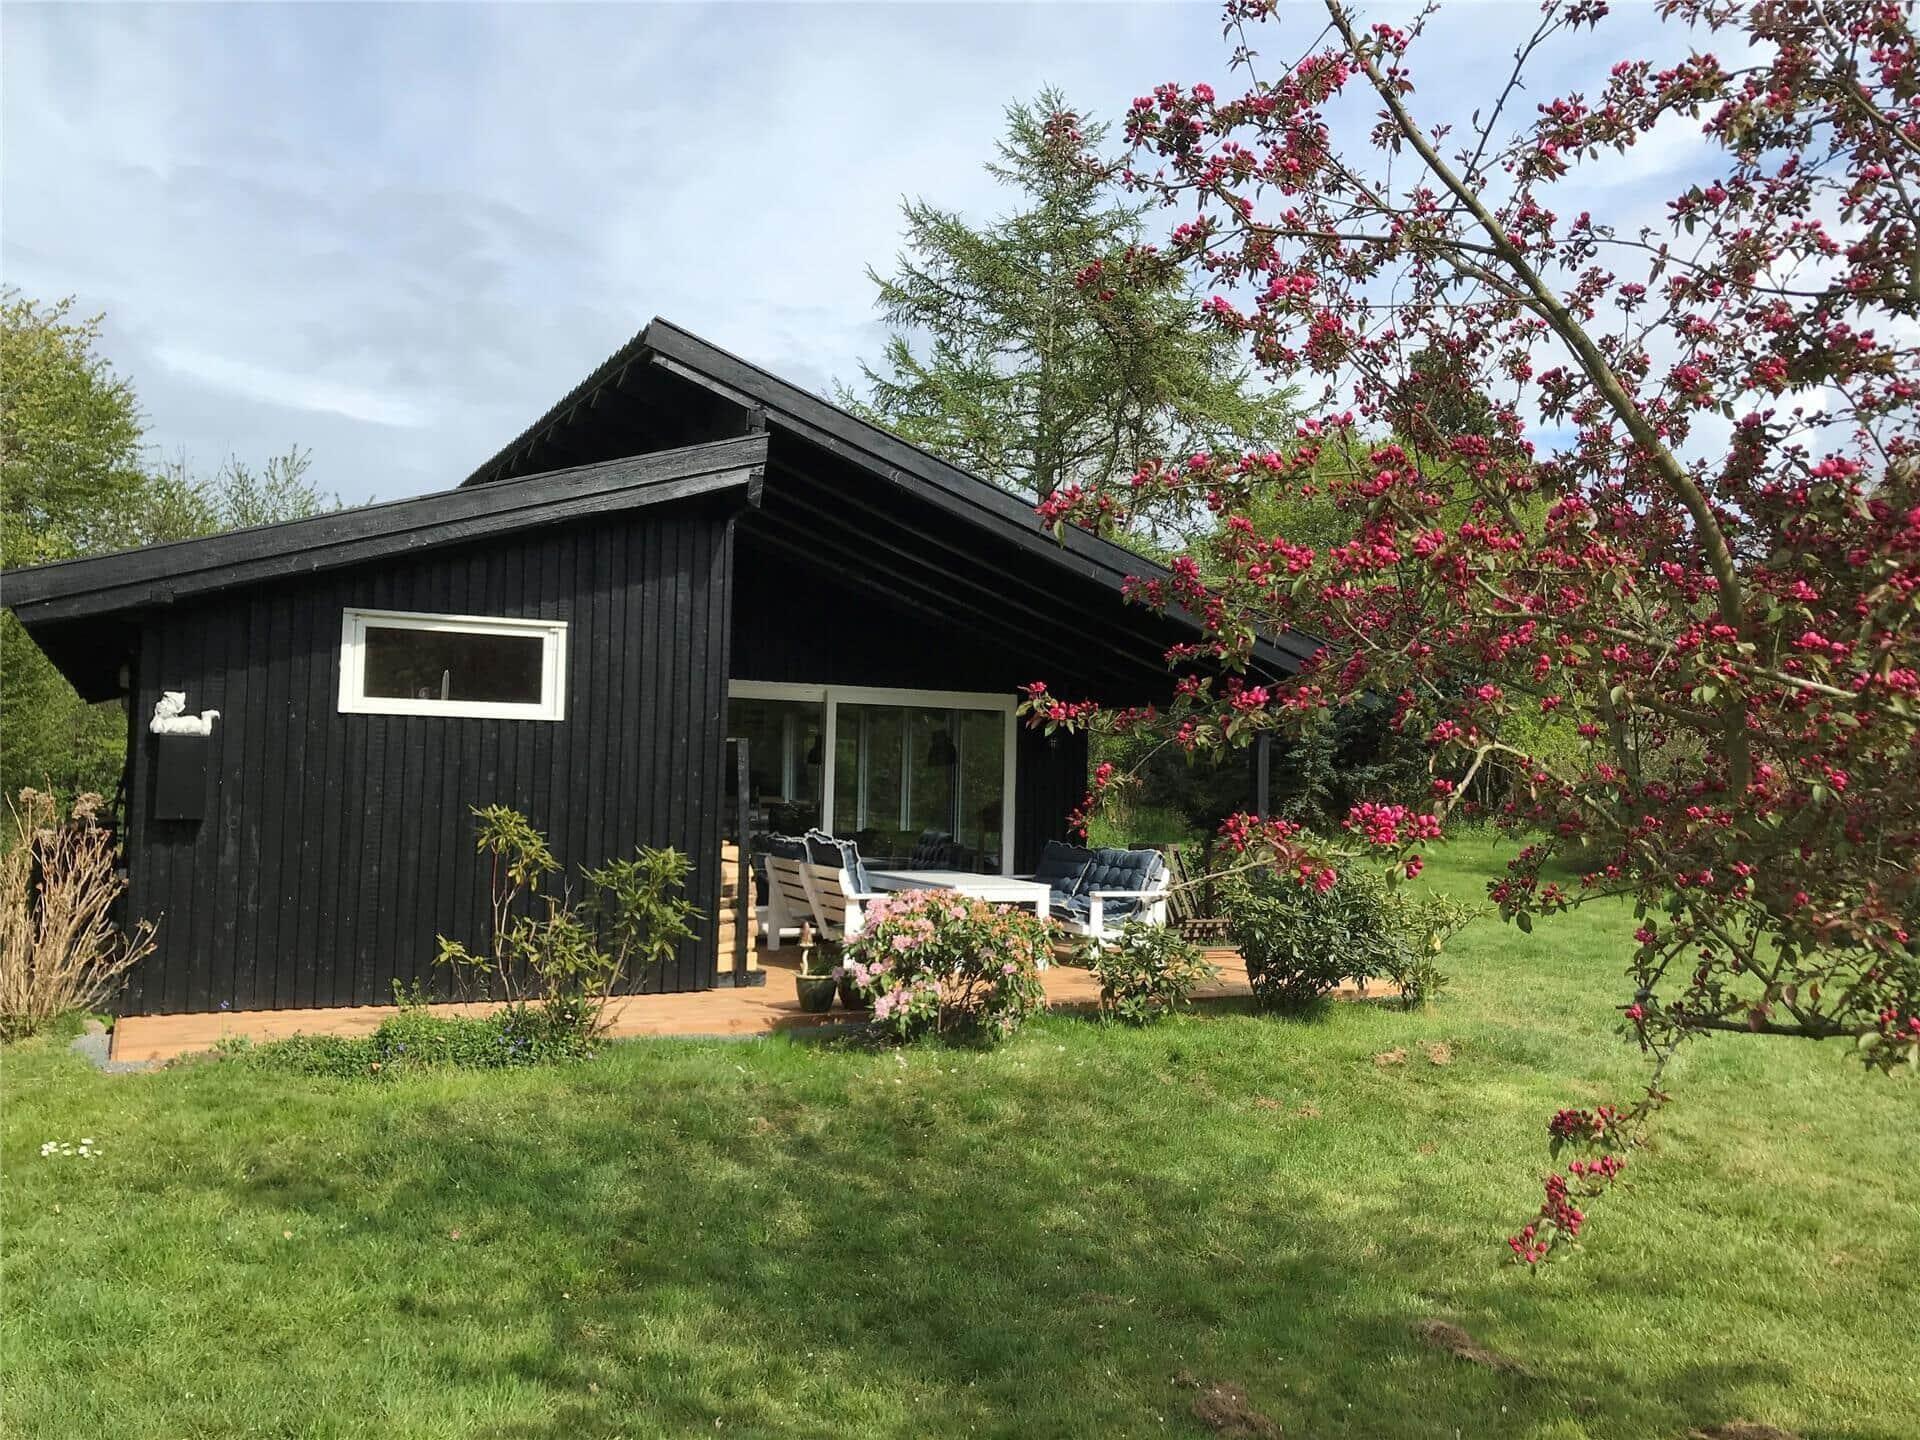 Afbeelding 1-17 Vakantiehuis 11836, Birkekrogen 10, DK - 4500 Nykøbing Sj